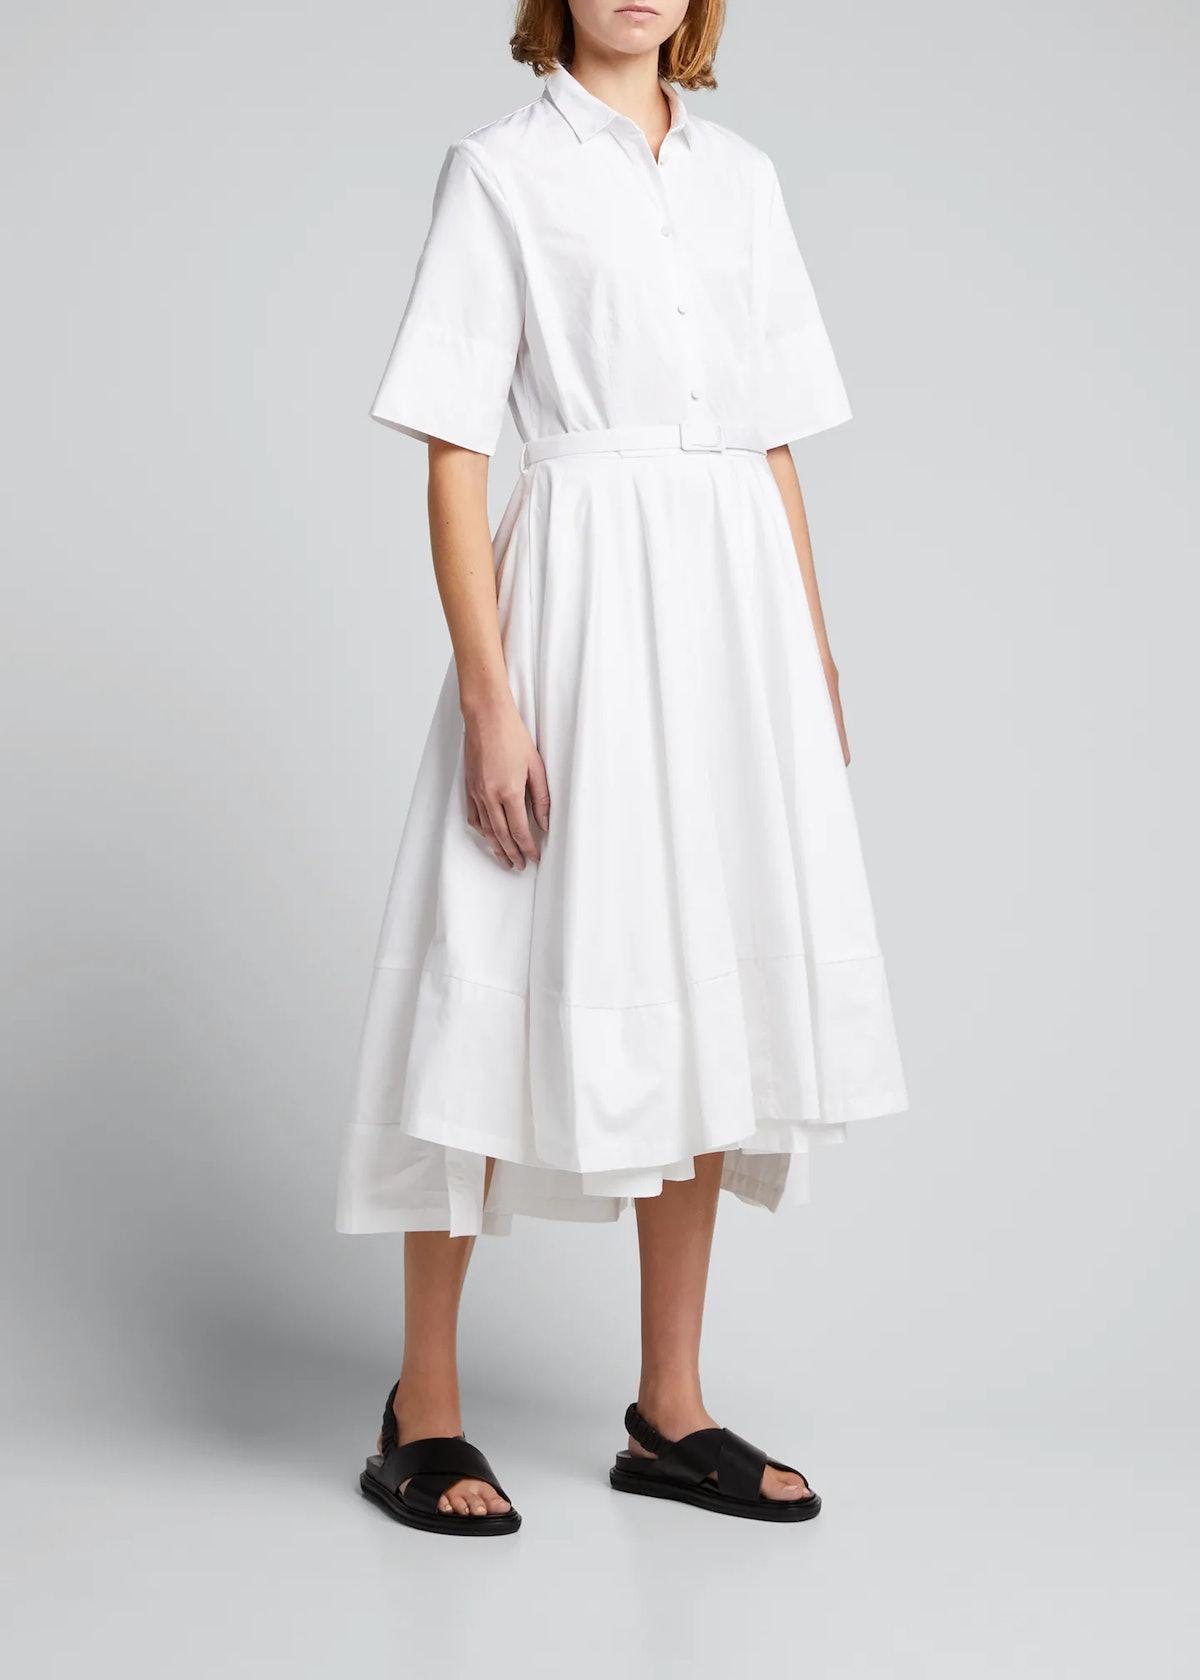 CO Poplin Flared Short-Sleeve Shirtdress